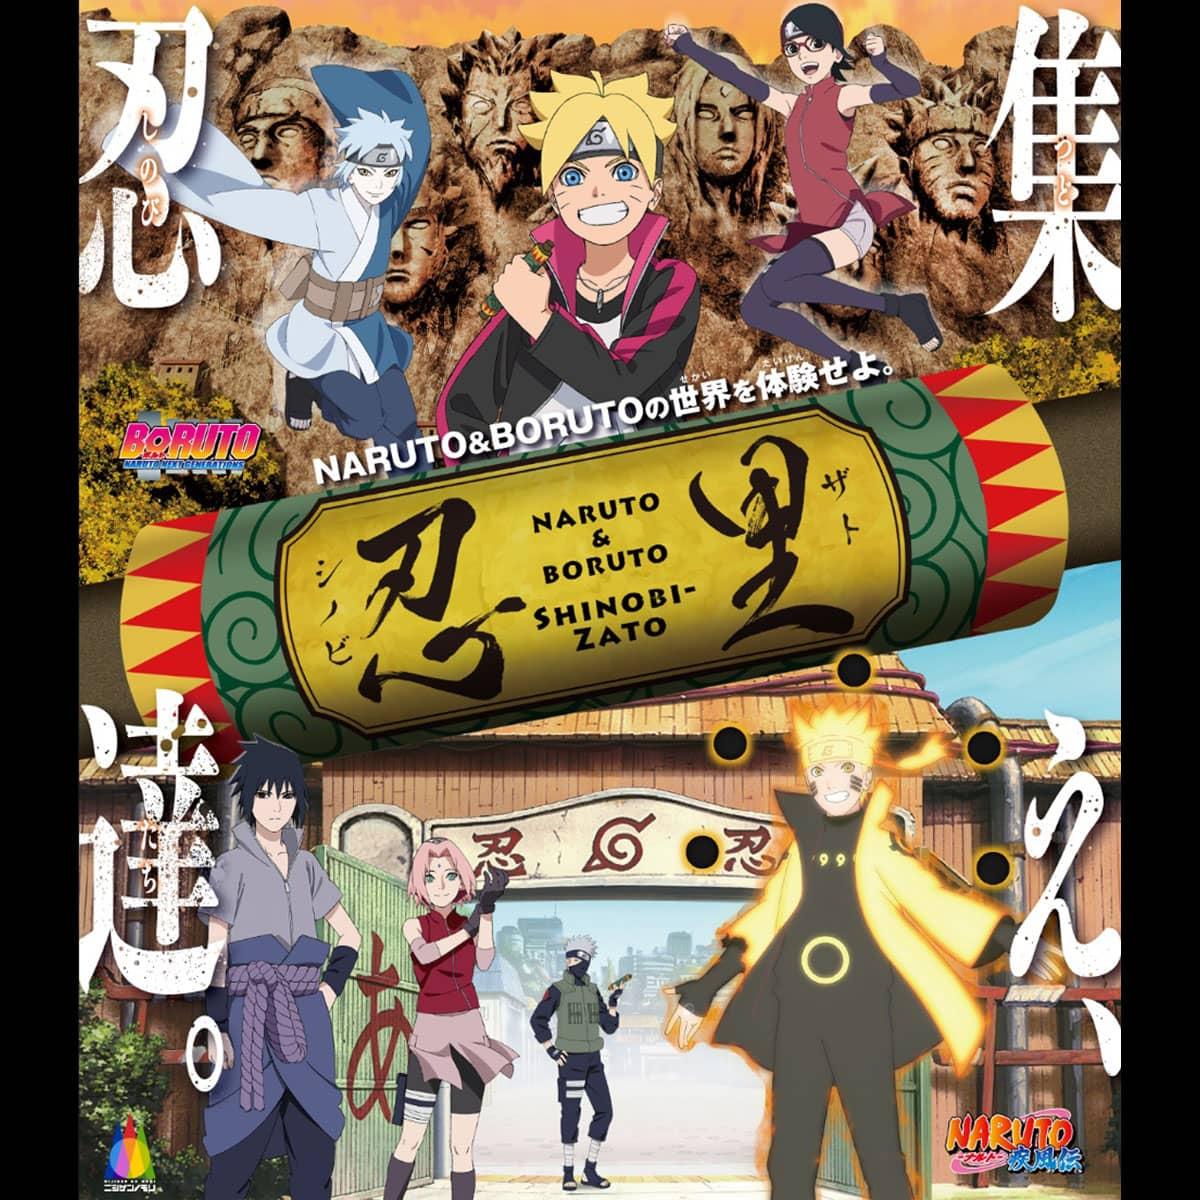 ナルトアトラクション Naruto Boruto 忍里 ニジゲンノモリ アワタビ